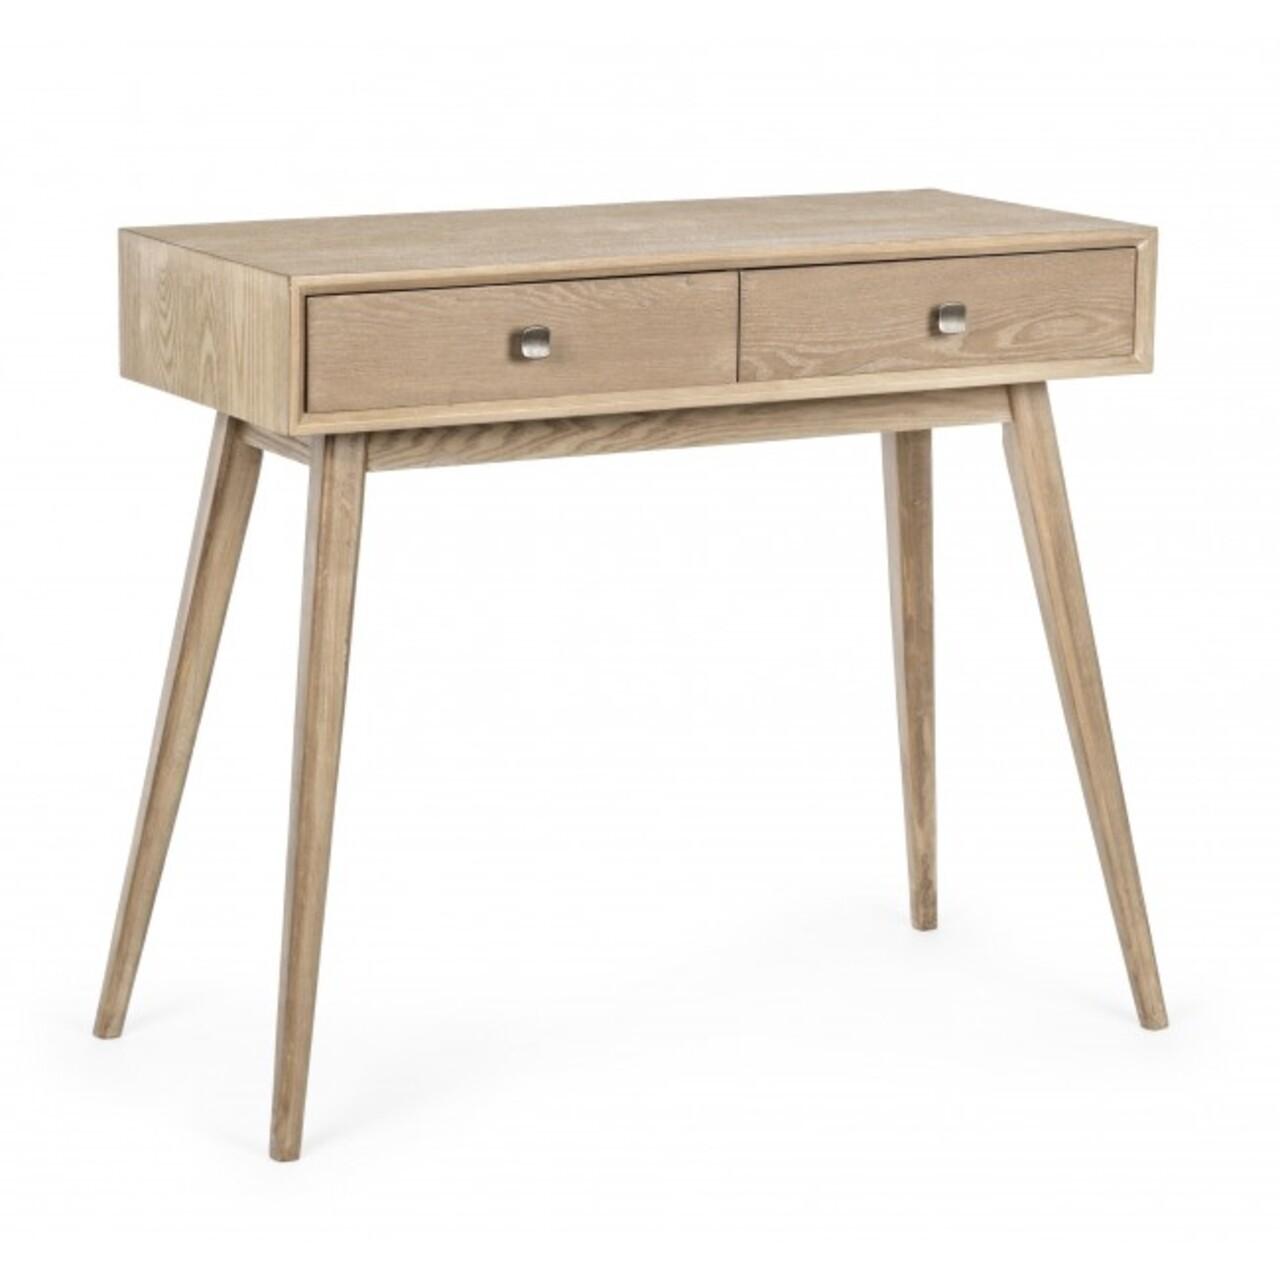 Consola cu 2 sertare, Alannis, Bizzotto, 90x40x75 cm, lemn de frasin